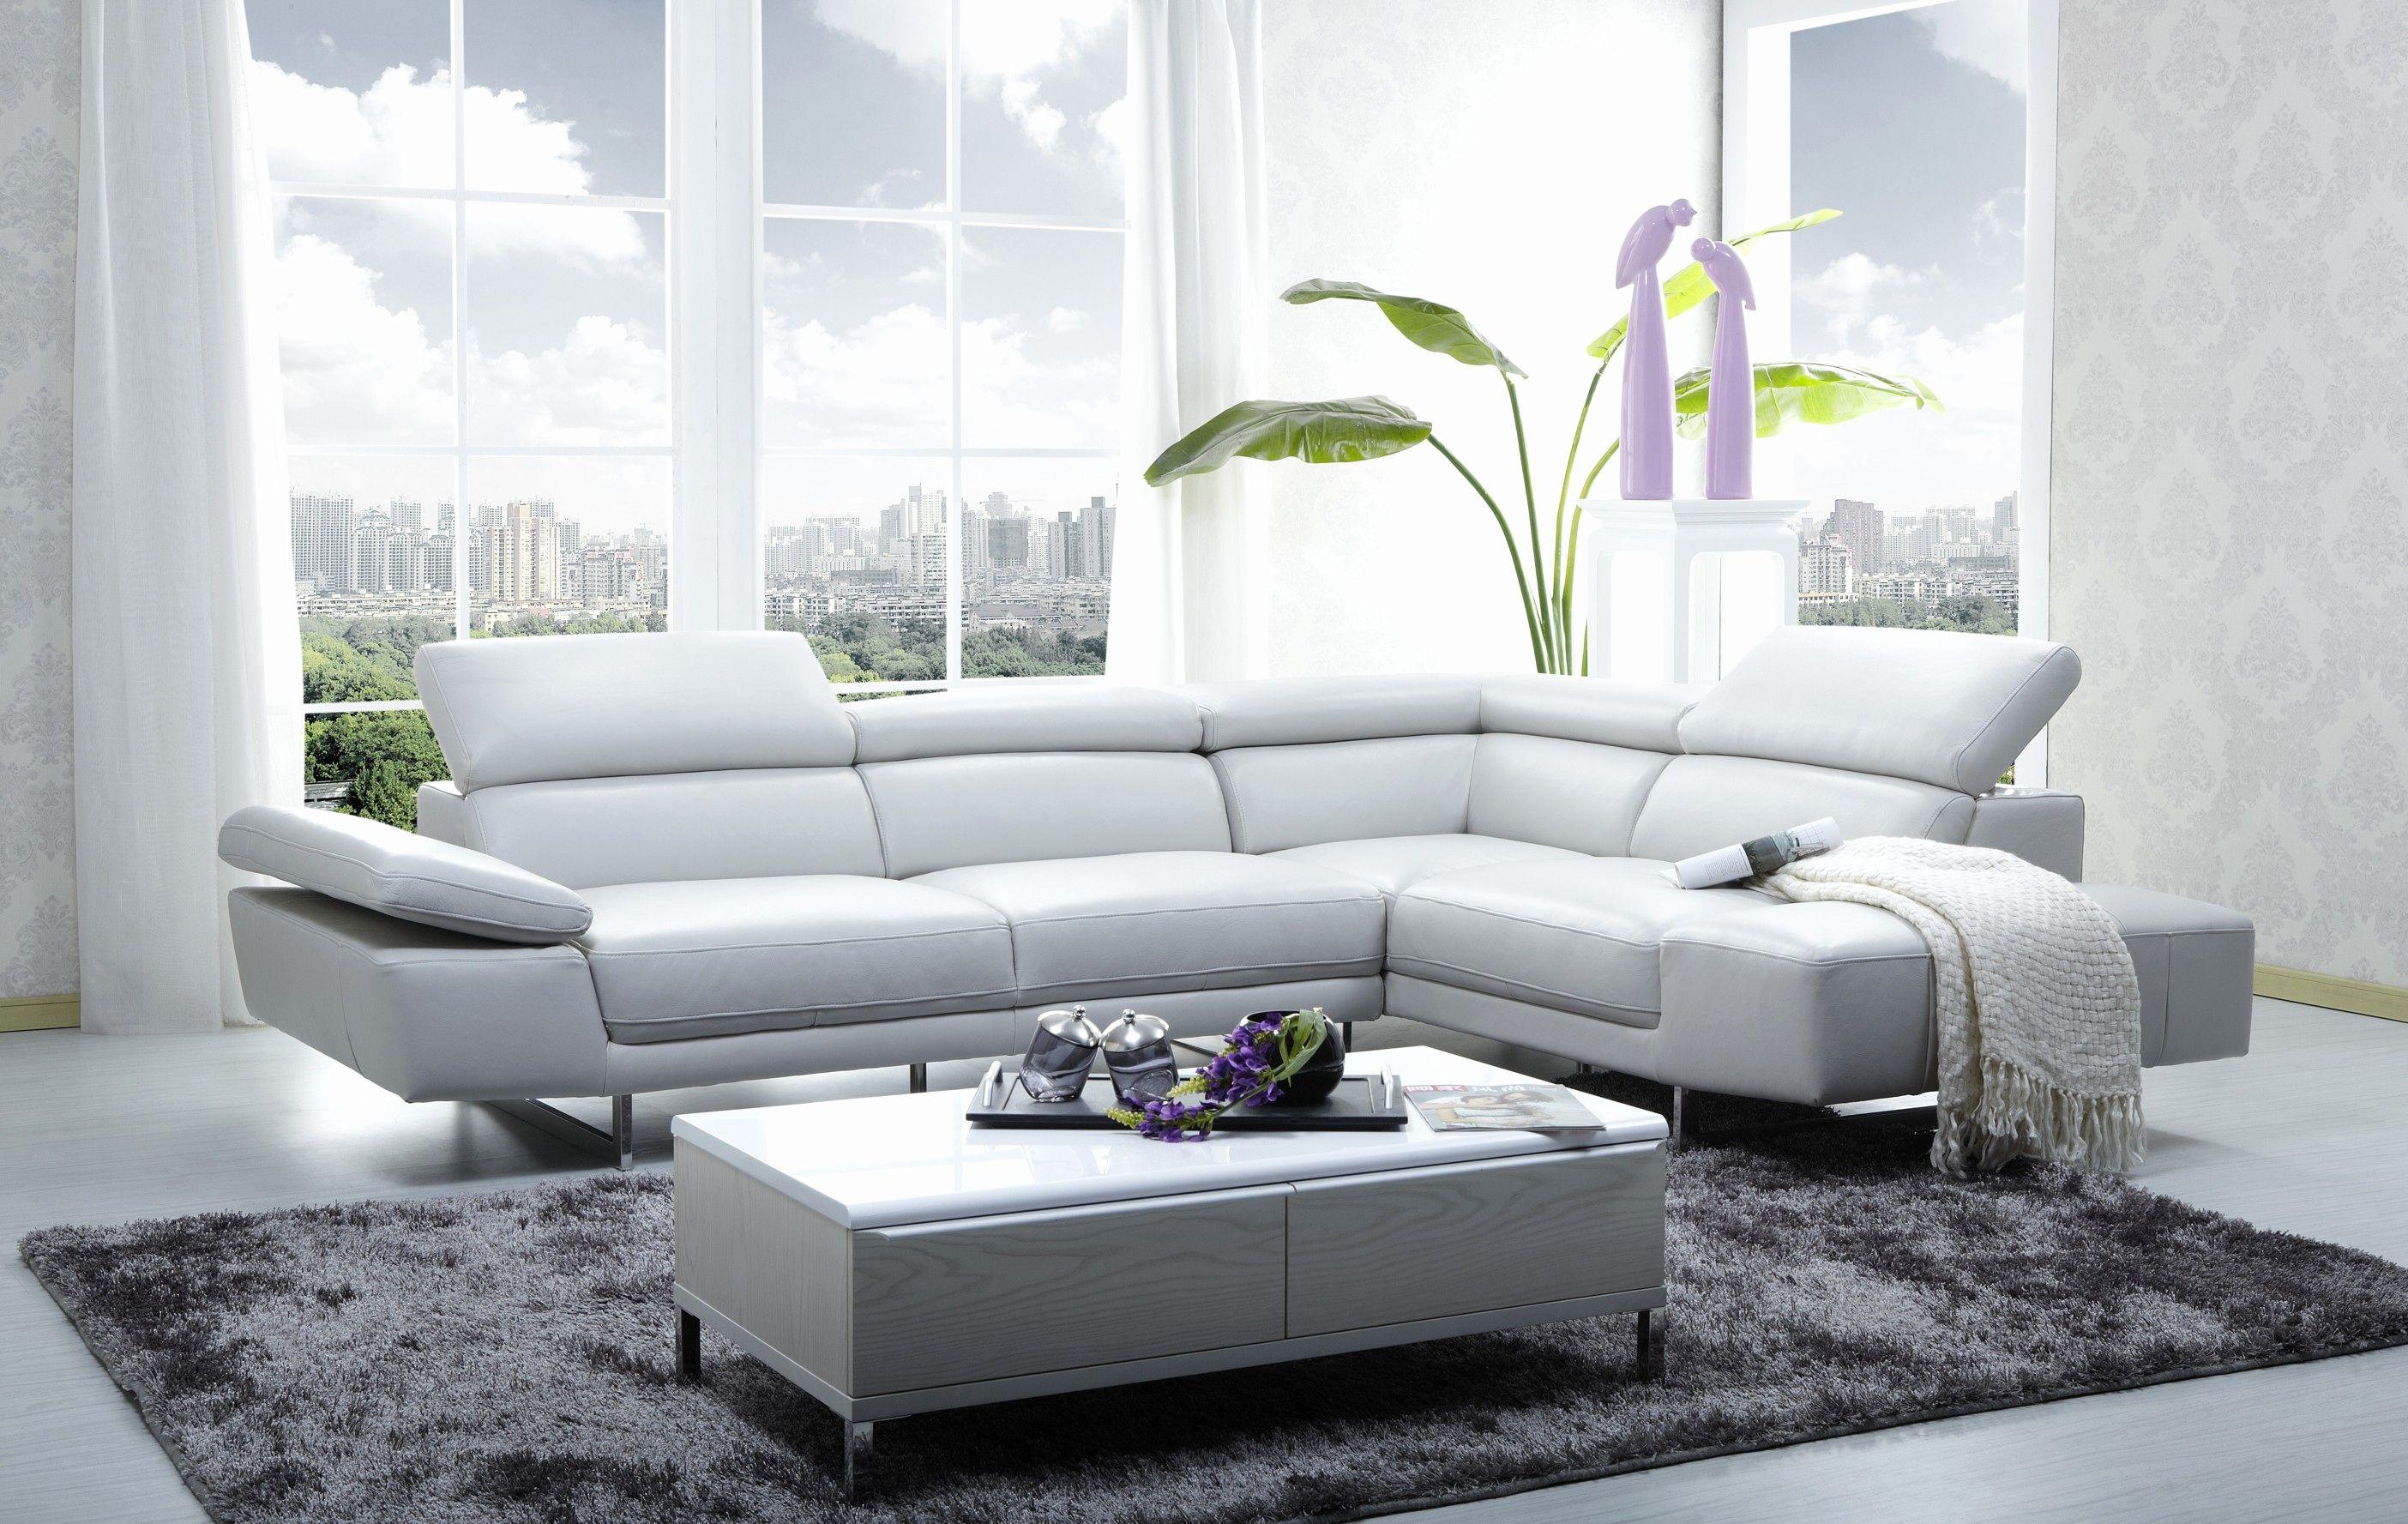 Elegant Apartment Leather sofa Pics small apartment design interior ...